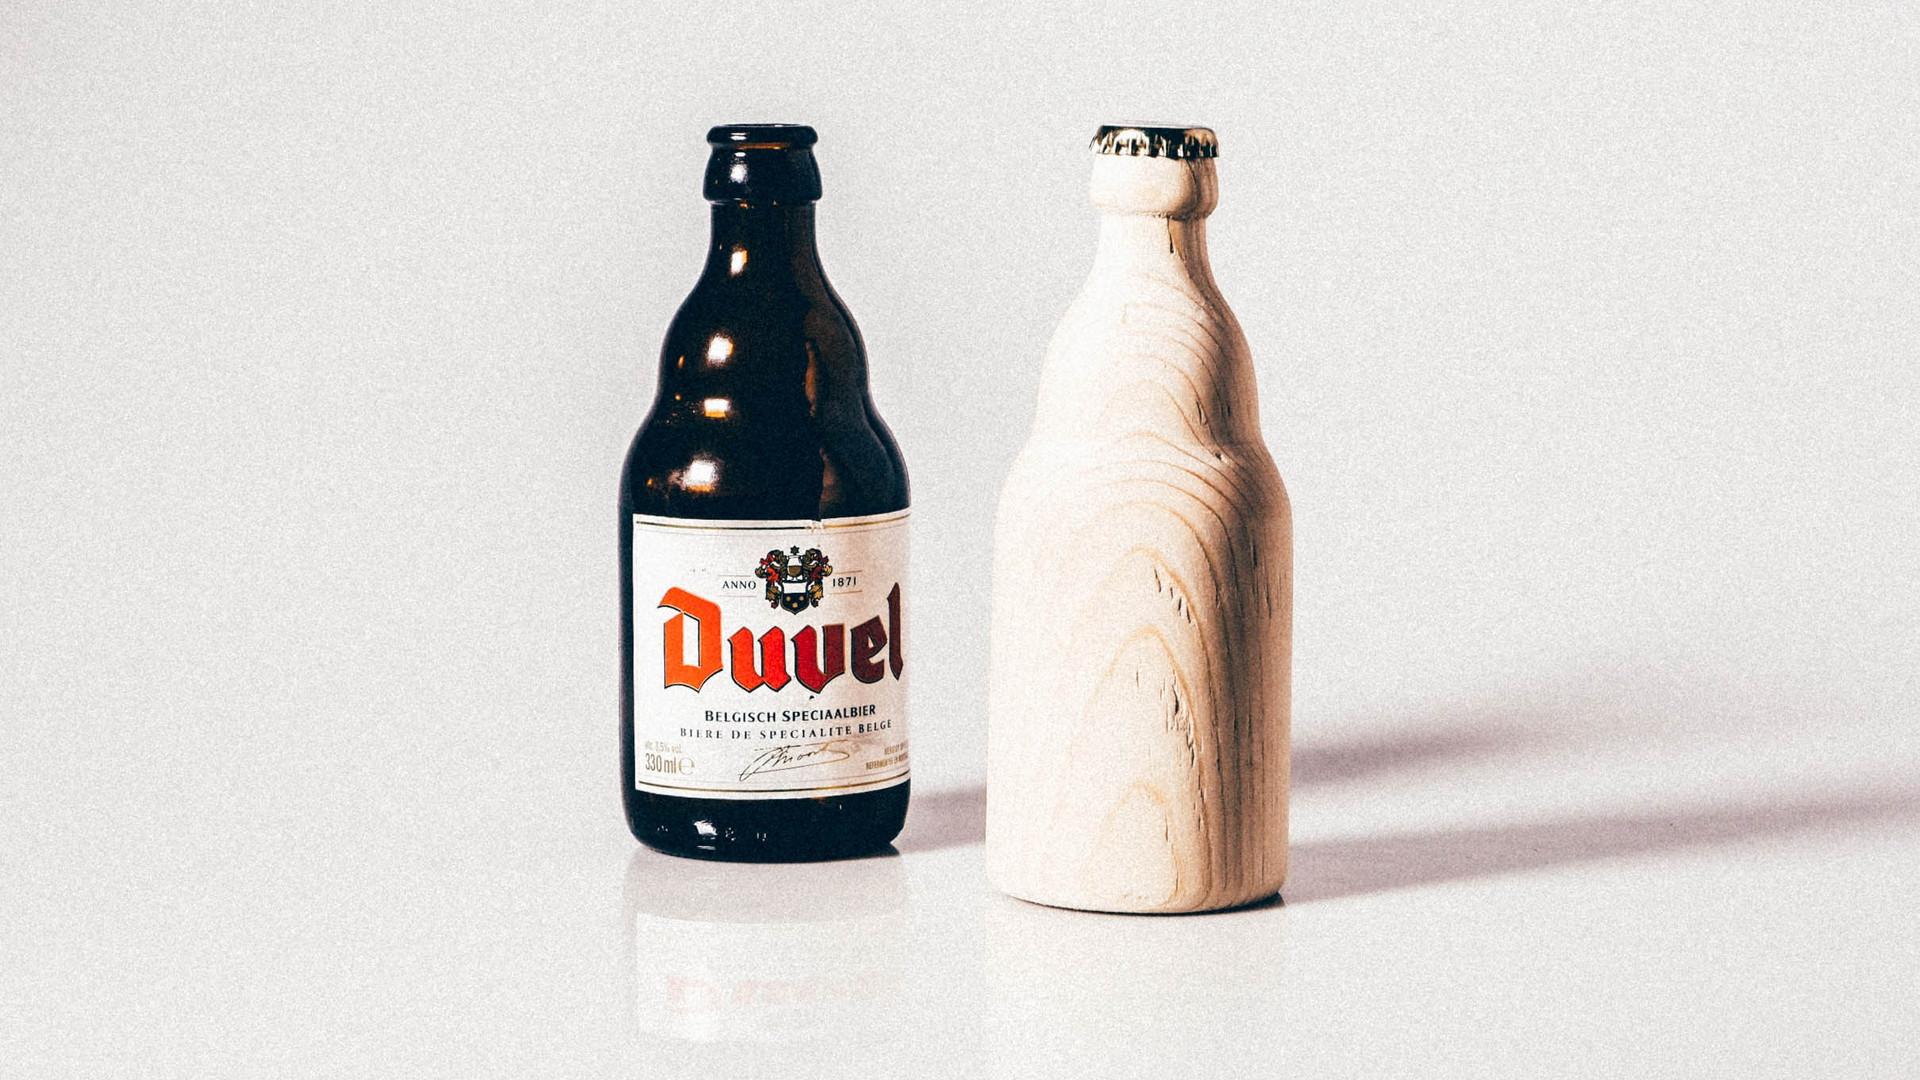 Wooden Duvel